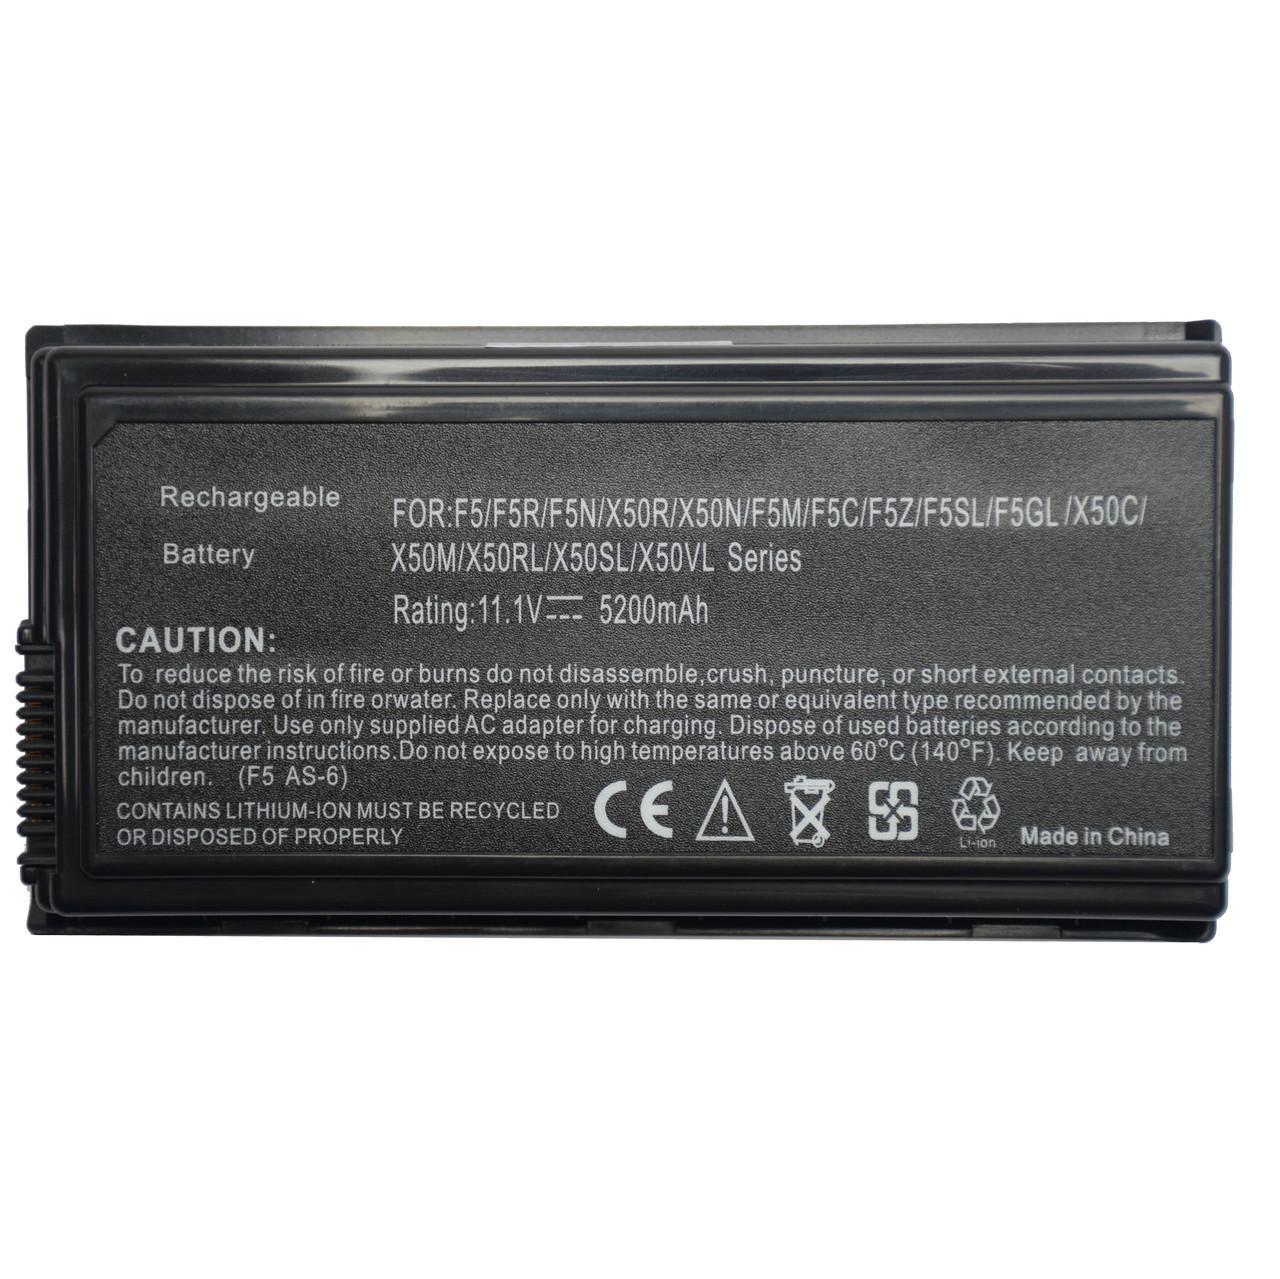 Батарея для ноутбука ASUS X50R X50RL X50SL X50Sr X50V X50VL X59 X59Sr 57Vr 57A 57KR 57S 57SE 57Sn 57Ta 57Tr